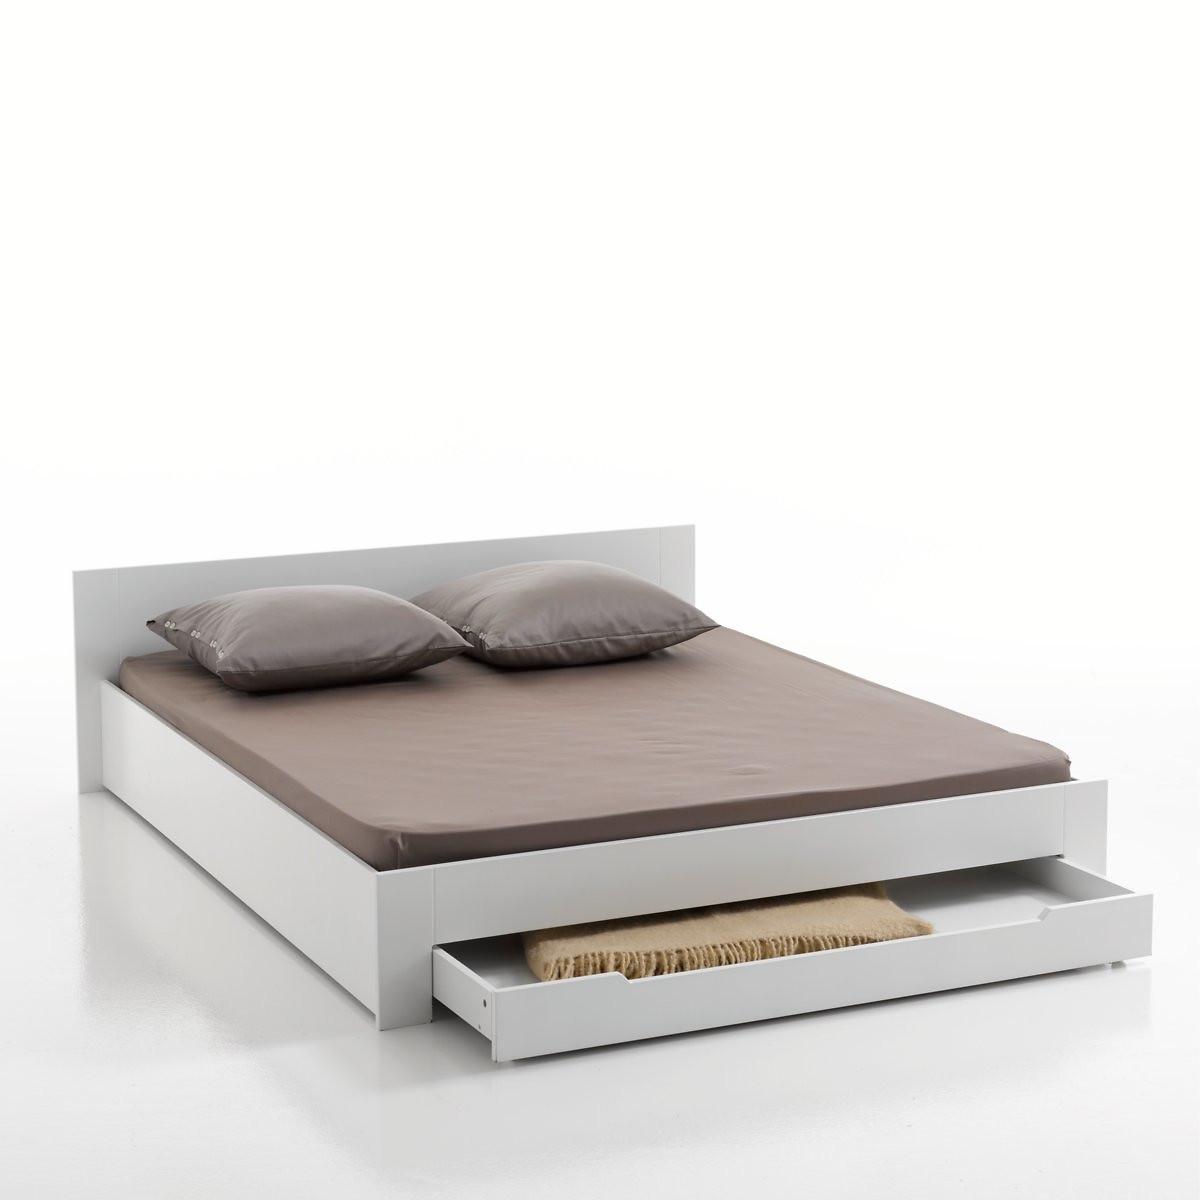 Кровать LaRedoute 2-х местная с кроватным основанием и ящиком Crawley 140 x 190 см белый кровать laredoute с ящиком отделениями для вещей и кроватным основанием yann 90 x 190 см белый